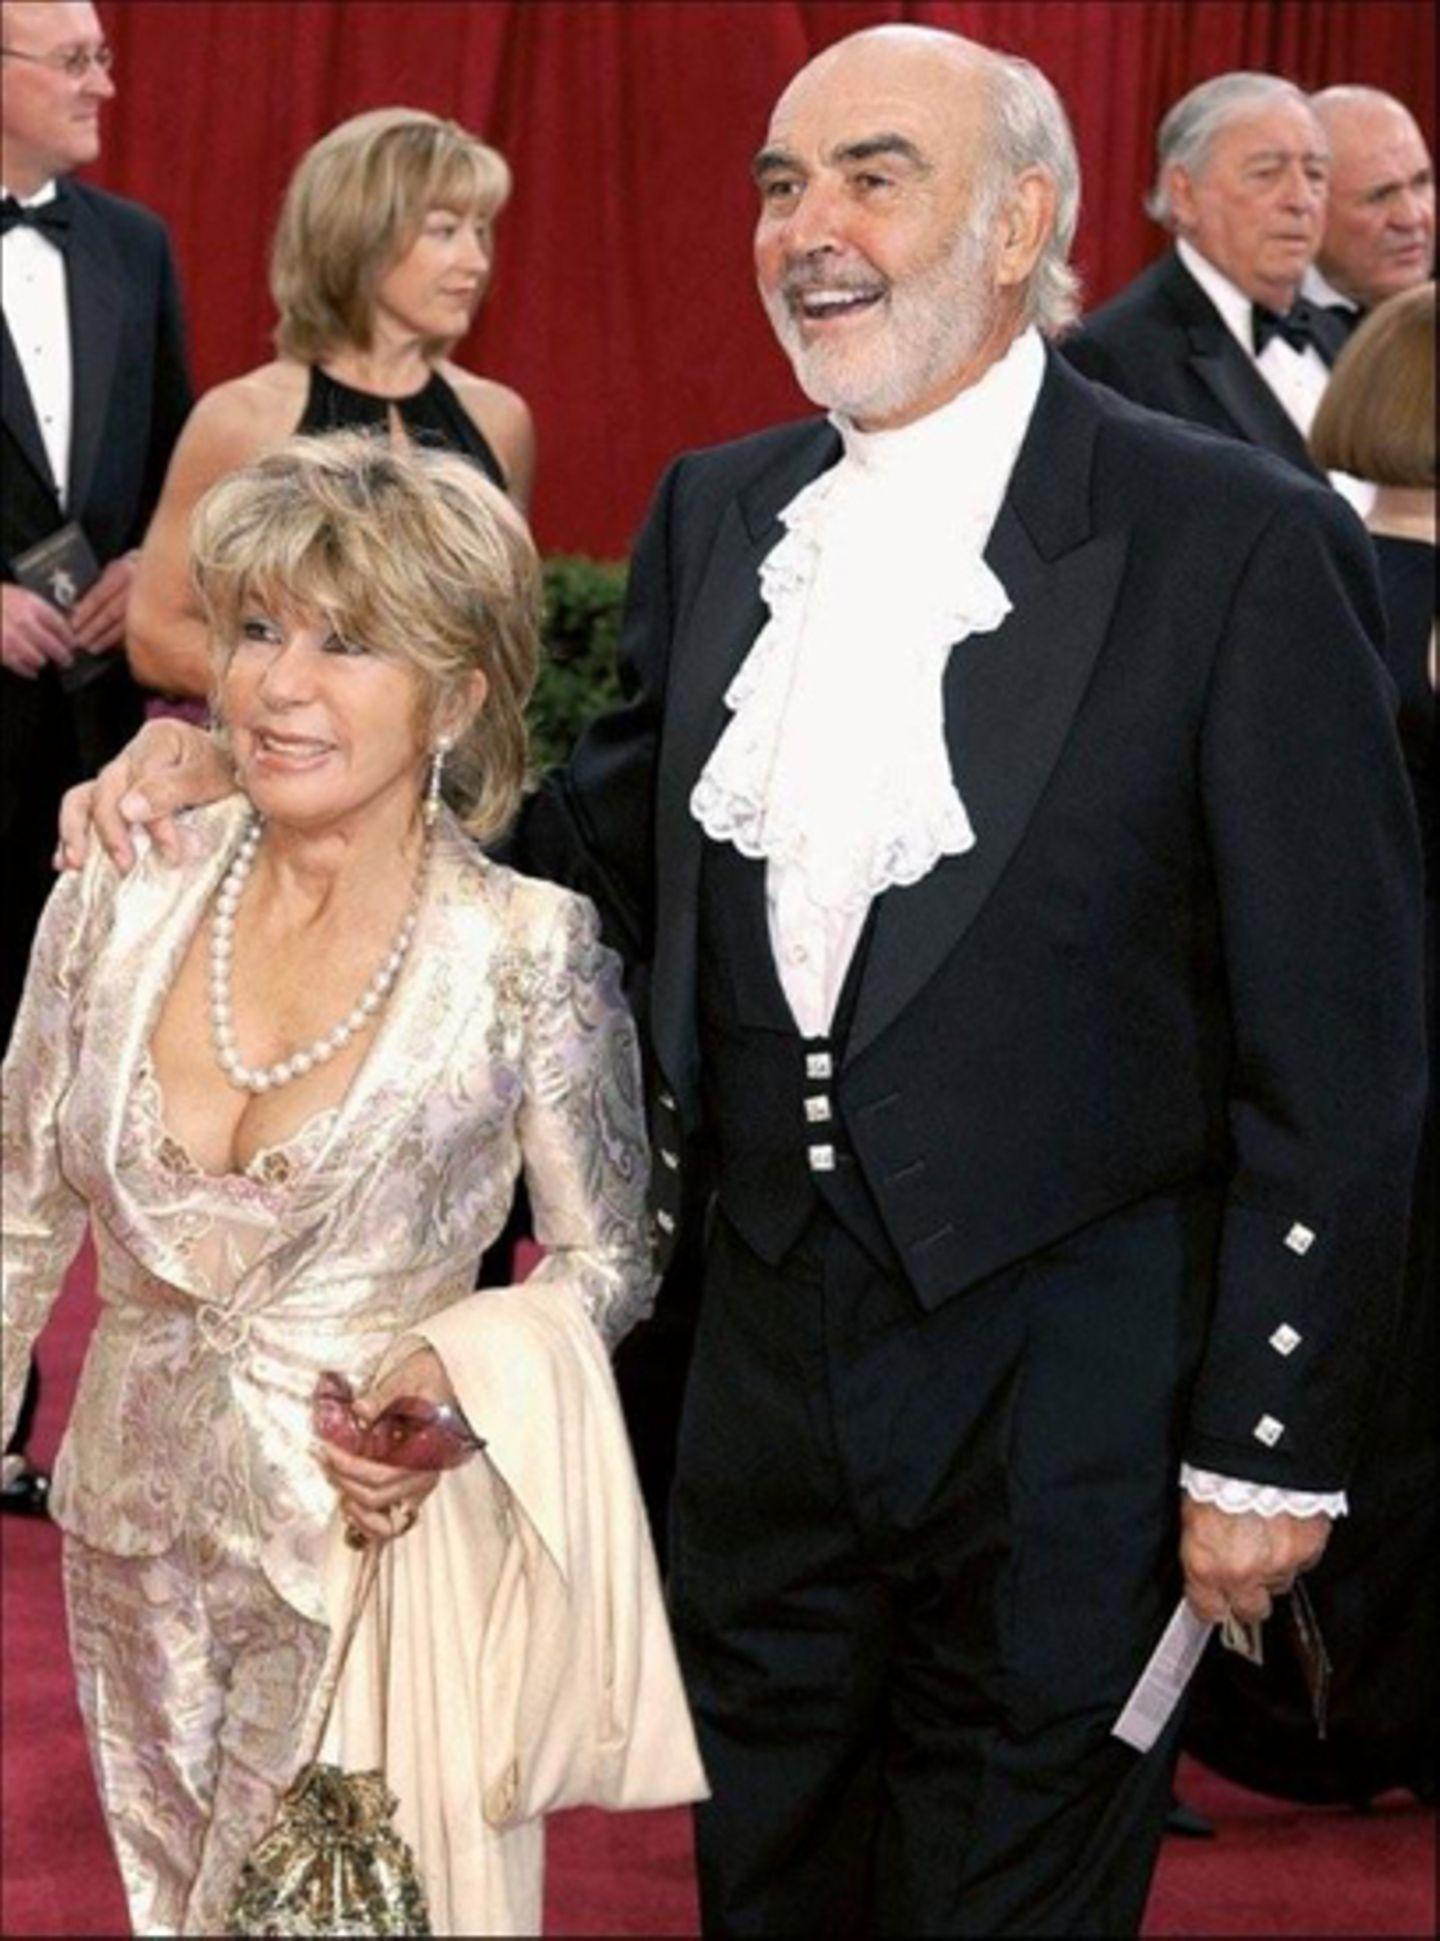 Mit seiner Frau Micheline Roquebrune bei der Oscar-Verleihung 2003.